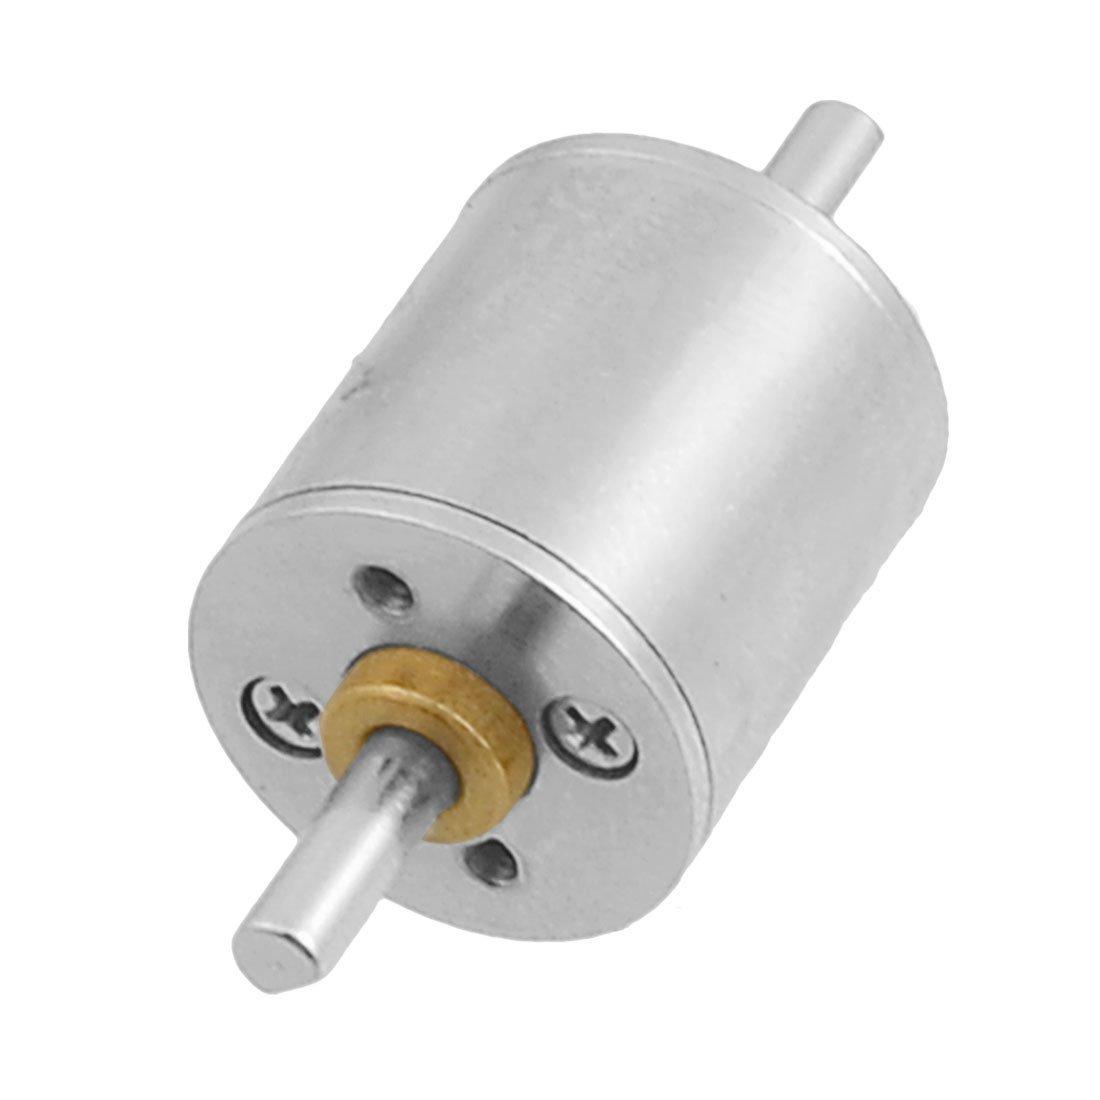 3 mm đường kính 1:90 trục SPEED ratio 0.2 A tự động động cơ chập